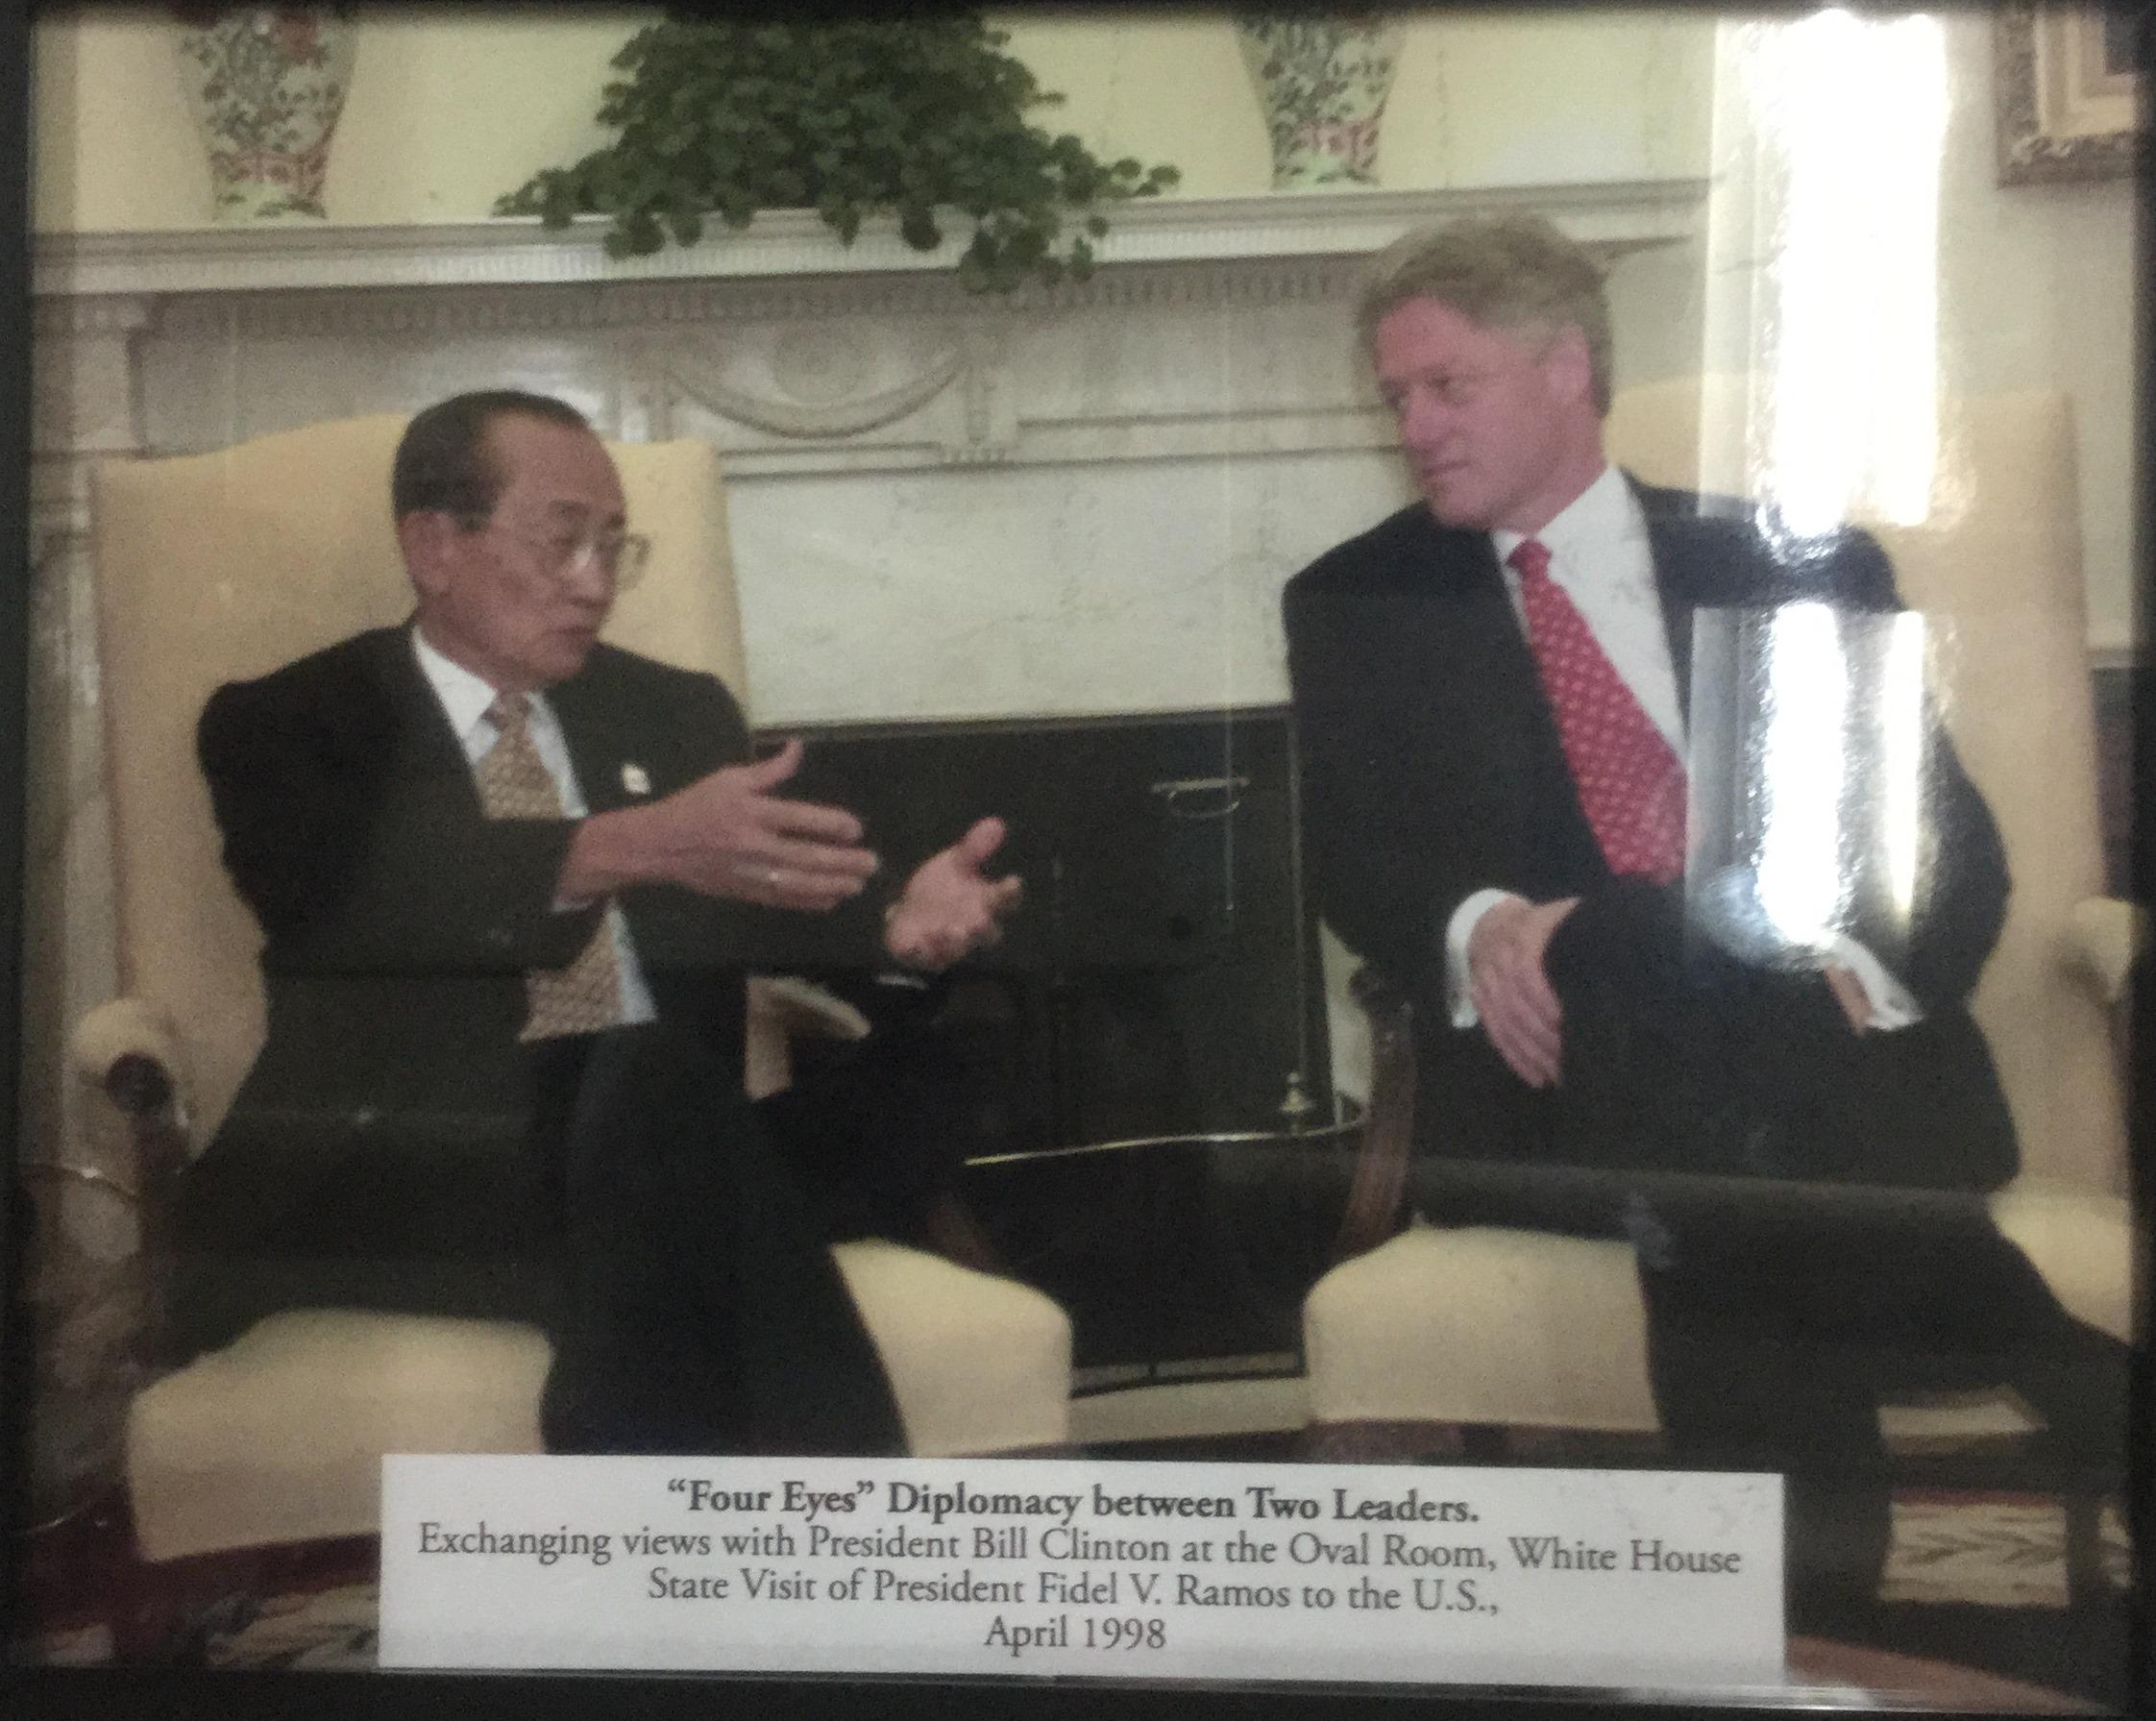 Four Eyes Diplomacy between Two Leaders